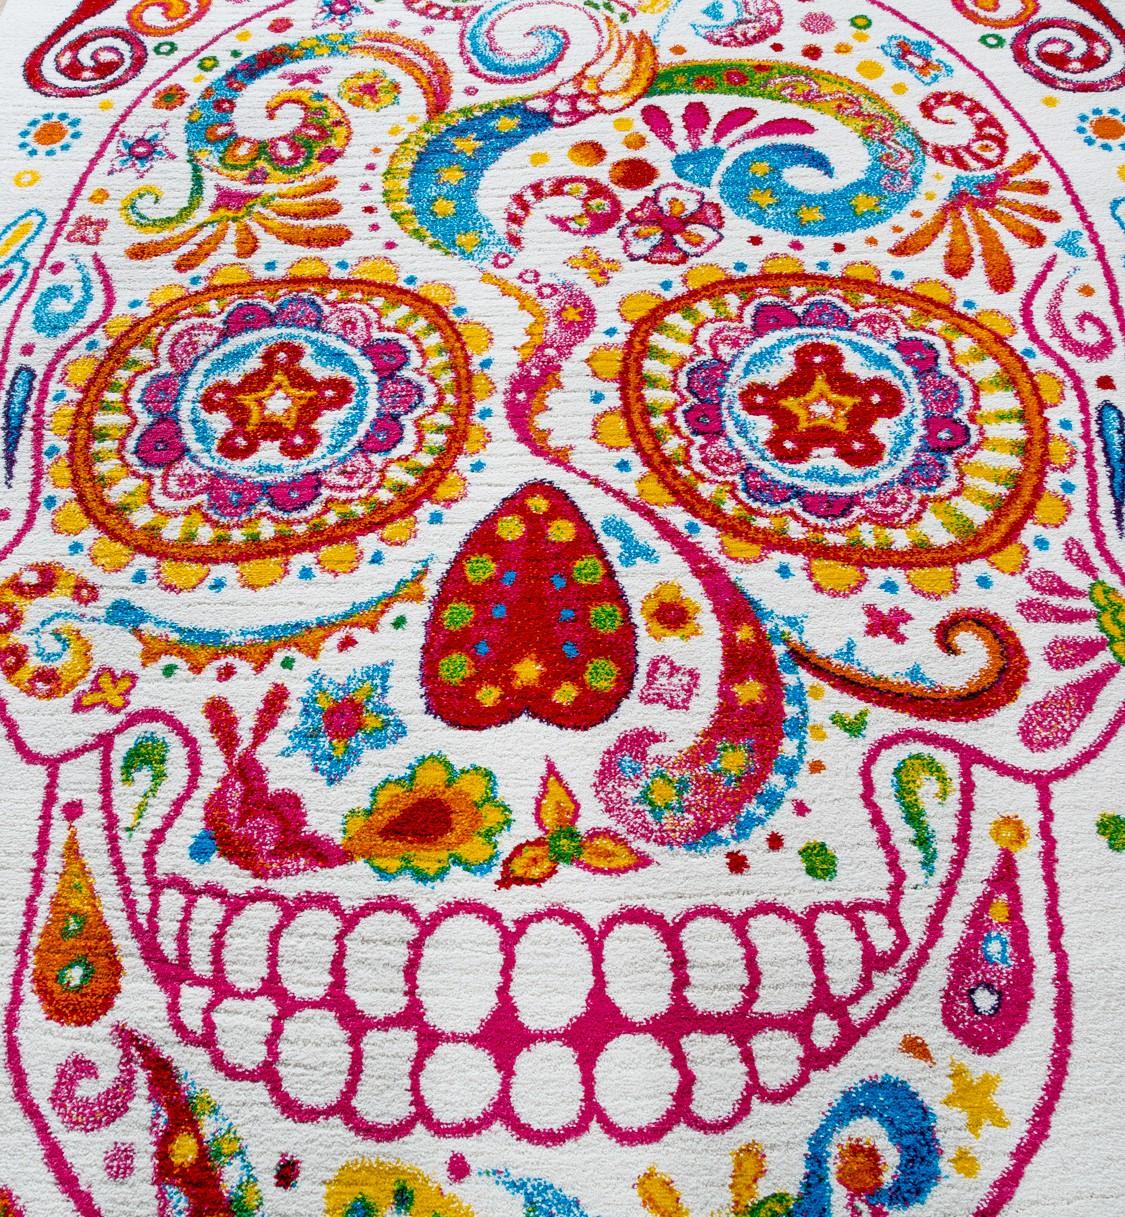 Teppich Modern Designer Teppich Bunt Totenkopf Skelett Design Multicolour  Creme U2013 Bild 2